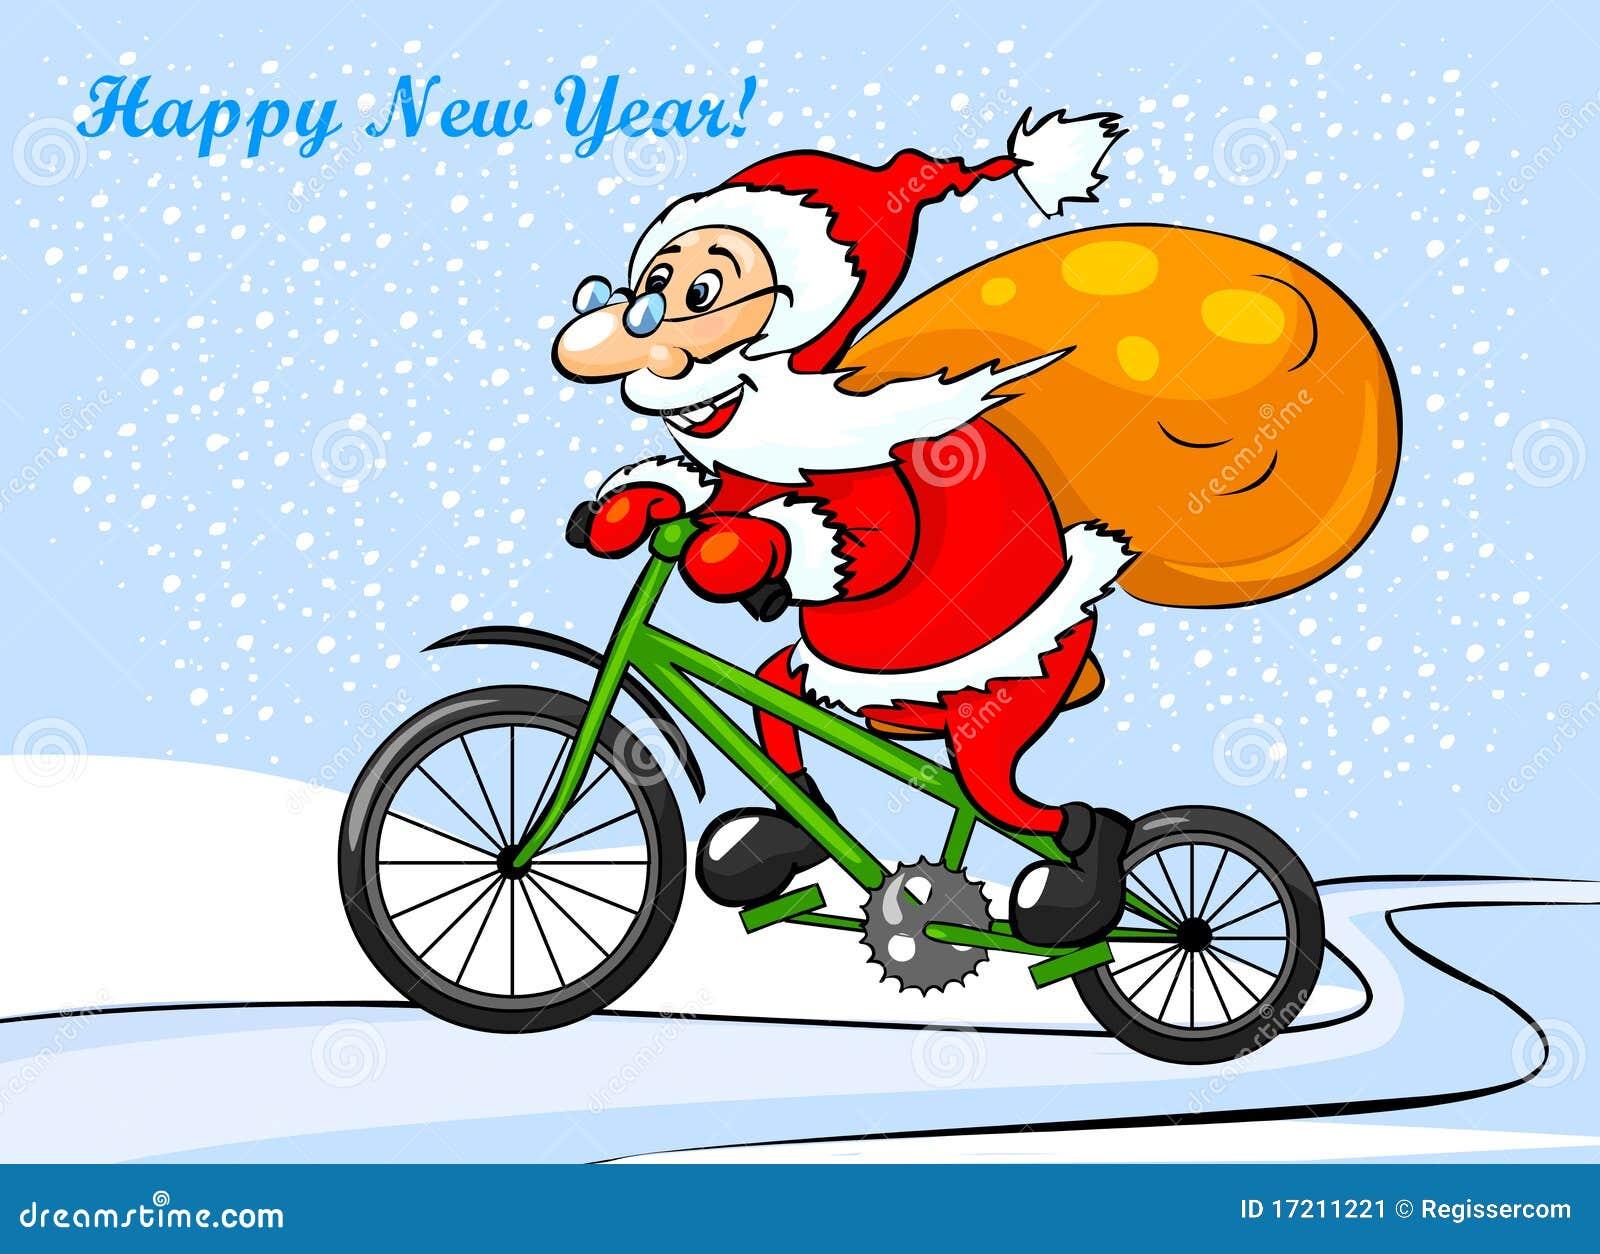 Babbo Natale In Bicicletta.Il Babbo Natale Sta Guidando Su Una Bici Illustrazione Di Stock